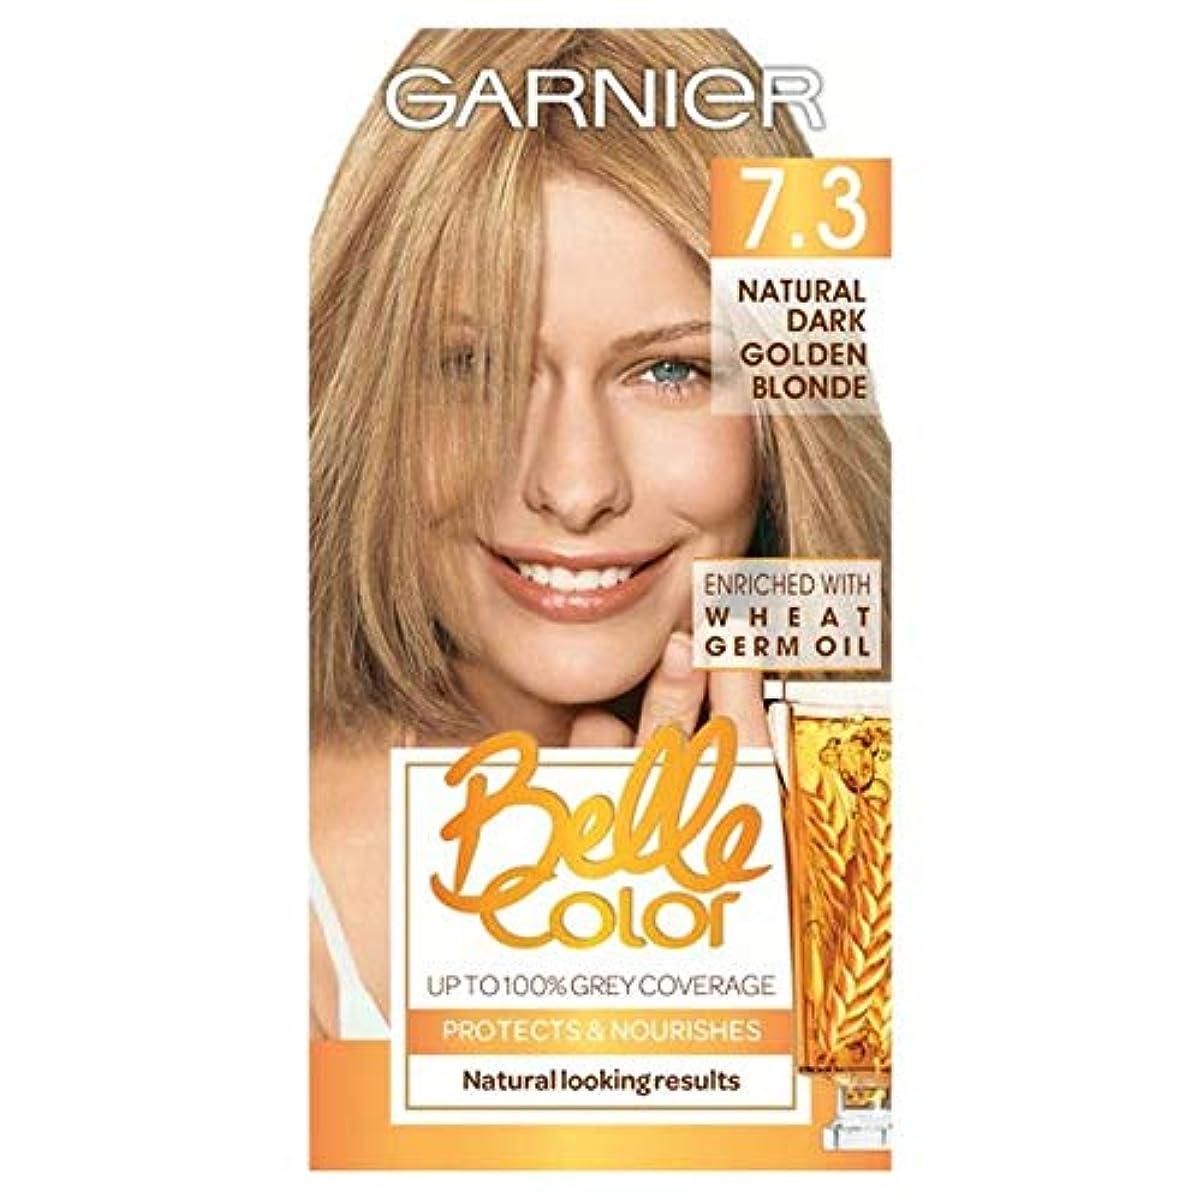 アジアプレビスサイト落とし穴[Belle Color] ガルニエベルカラー7.3暗い金色のブロンド - Garnier Belle Color 7.3 Dark Golden Blonde [並行輸入品]